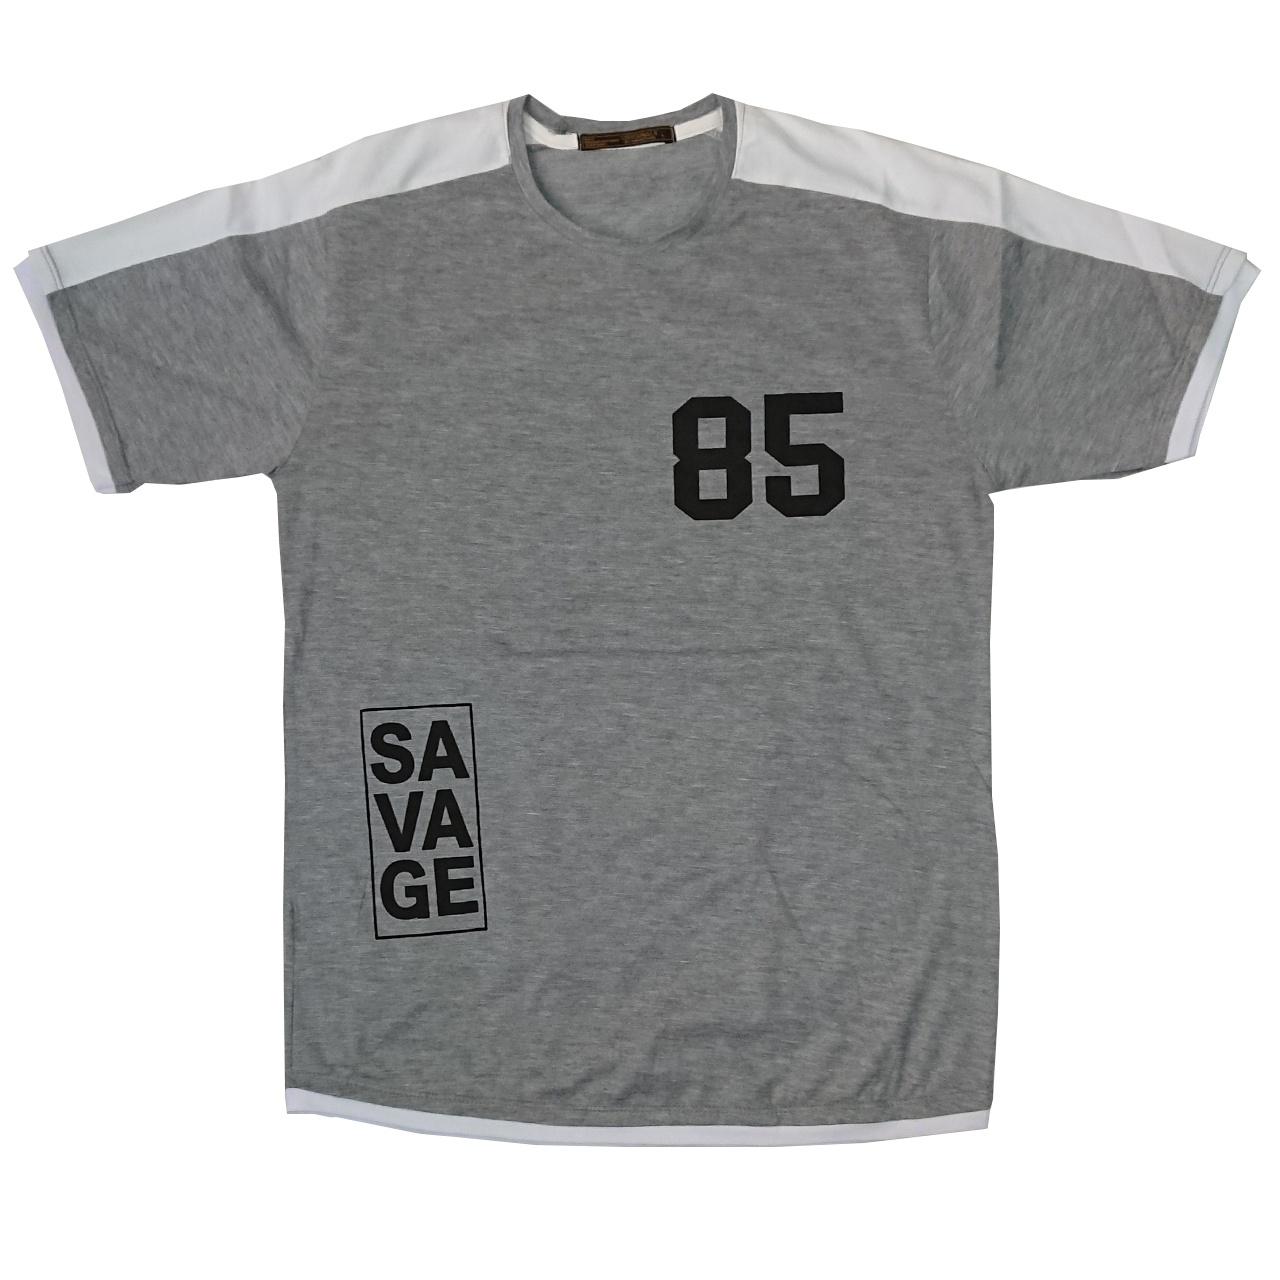 تصویر تی شرت مردانه طرح هشتاد و پنج رنگ طوسی